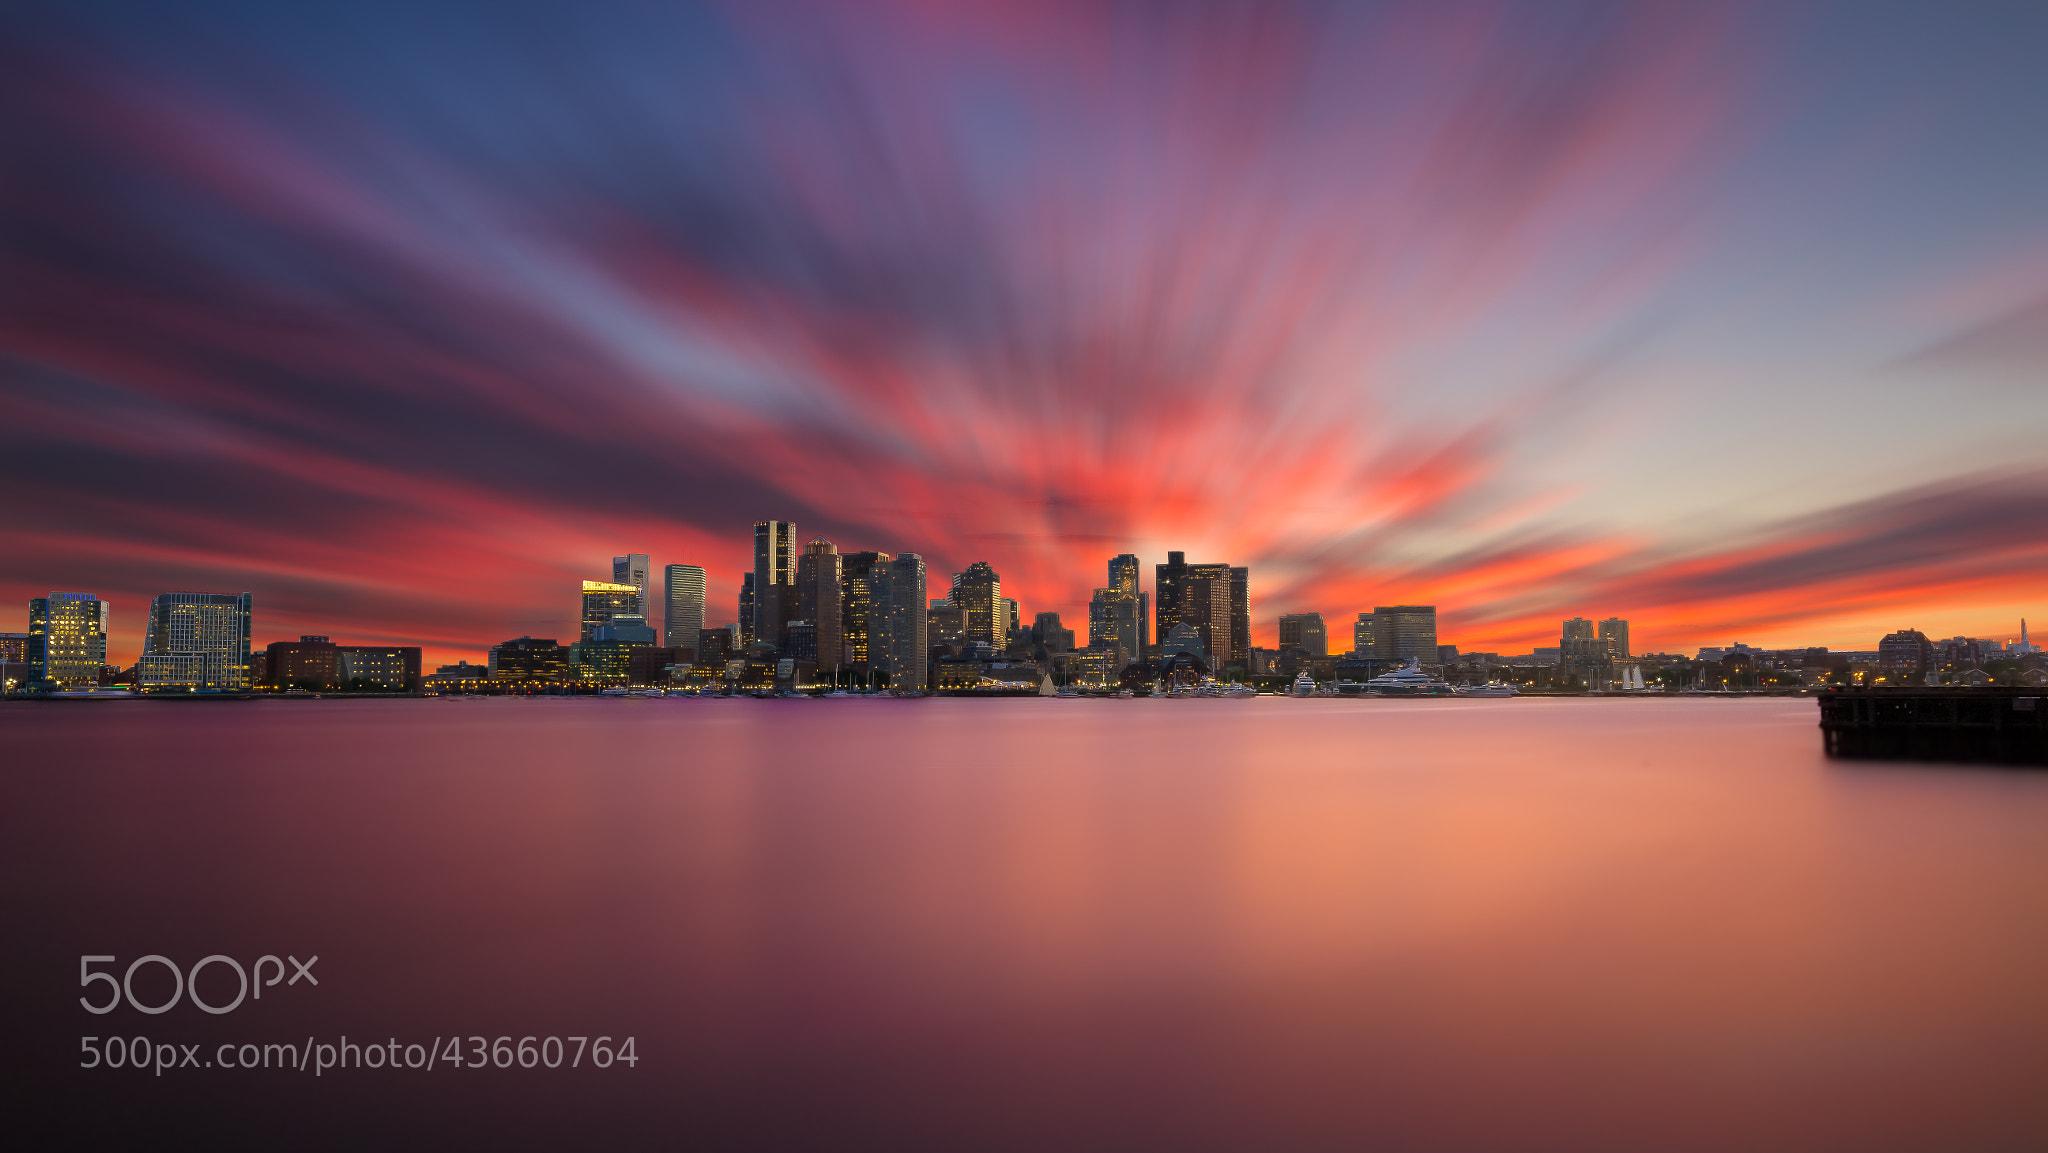 Photograph Boston Sunset by Kerim Hadzi on 500px